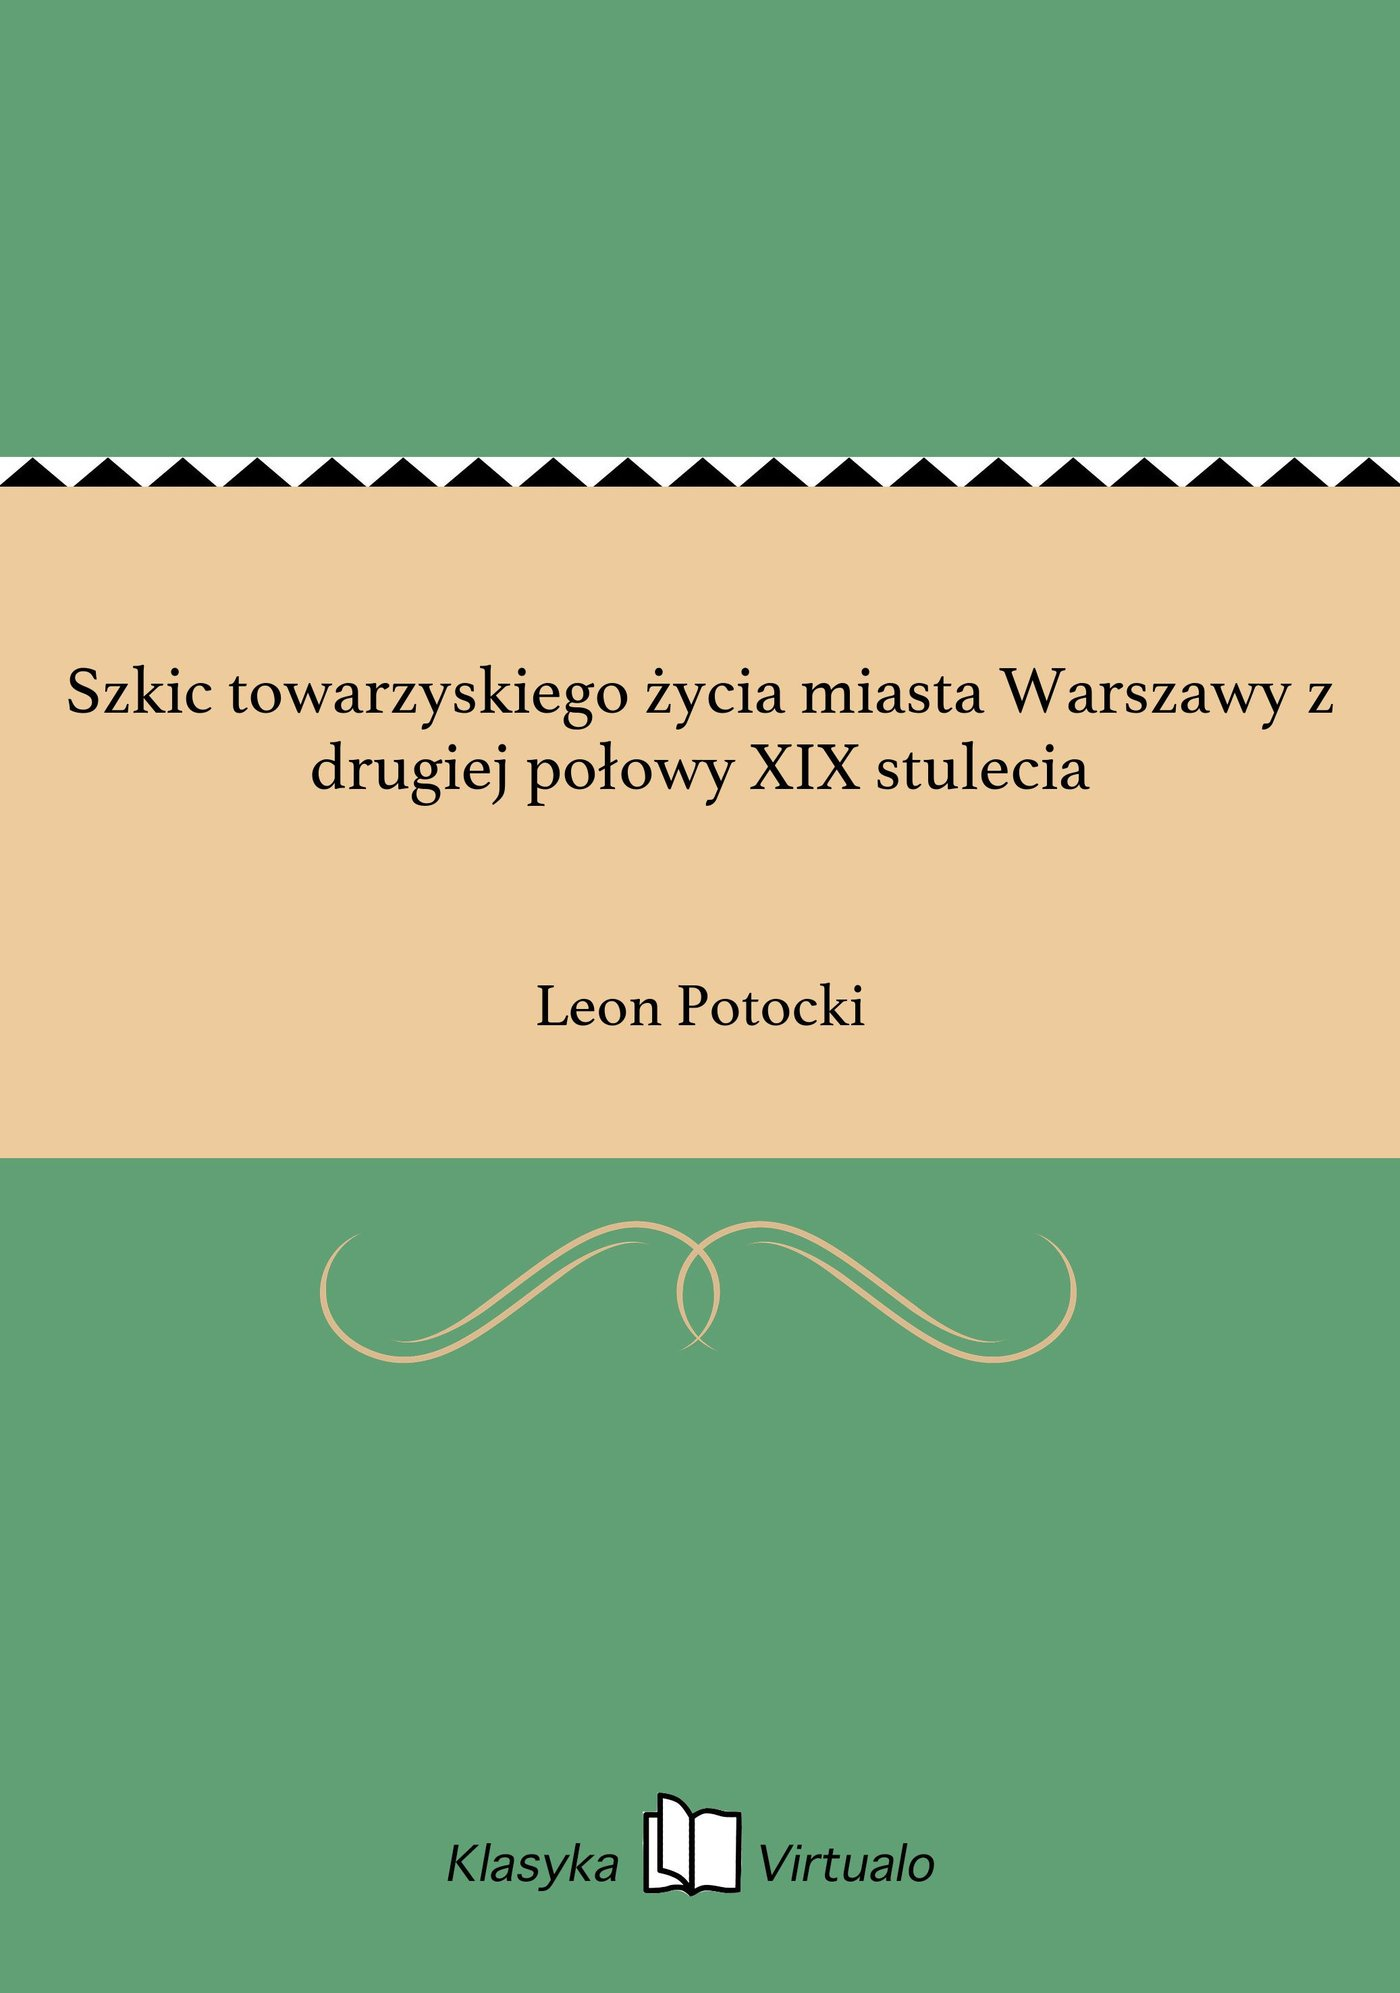 Szkic towarzyskiego życia miasta Warszawy z drugiej połowy XIX stulecia - Ebook (Książka EPUB) do pobrania w formacie EPUB